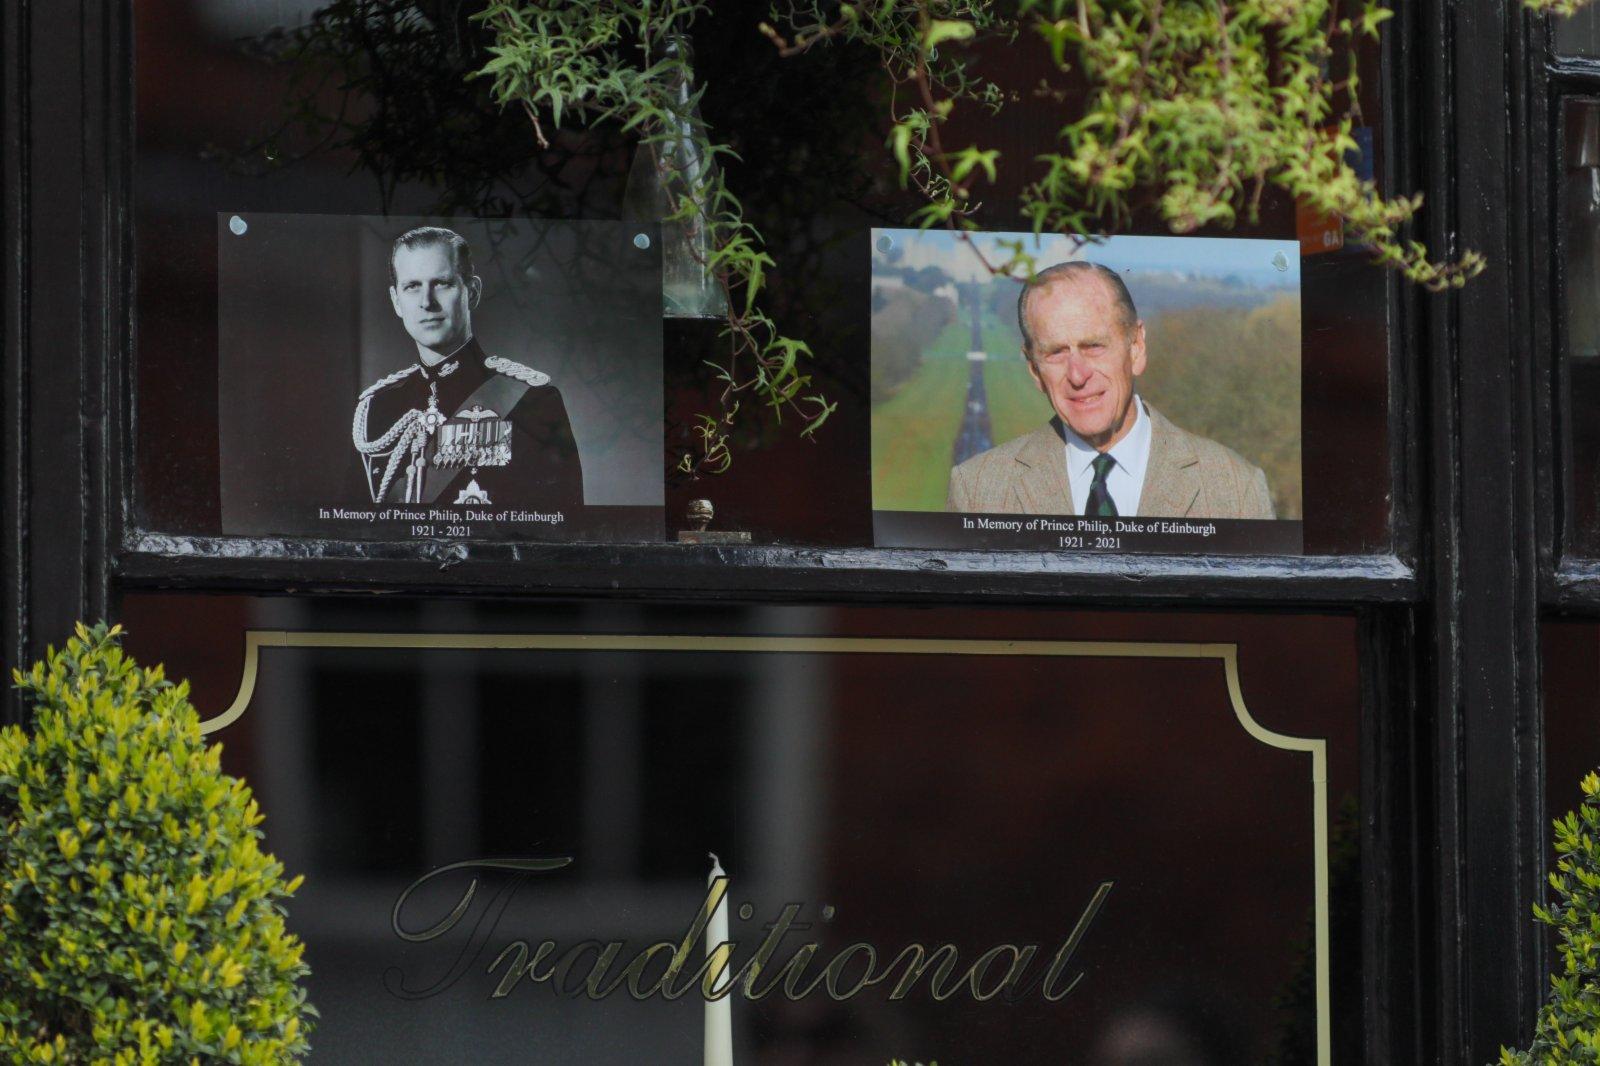 這是4月9日在英國溫莎城堡附近的一家酒吧門外拍攝的菲臘親王的照片。新華社